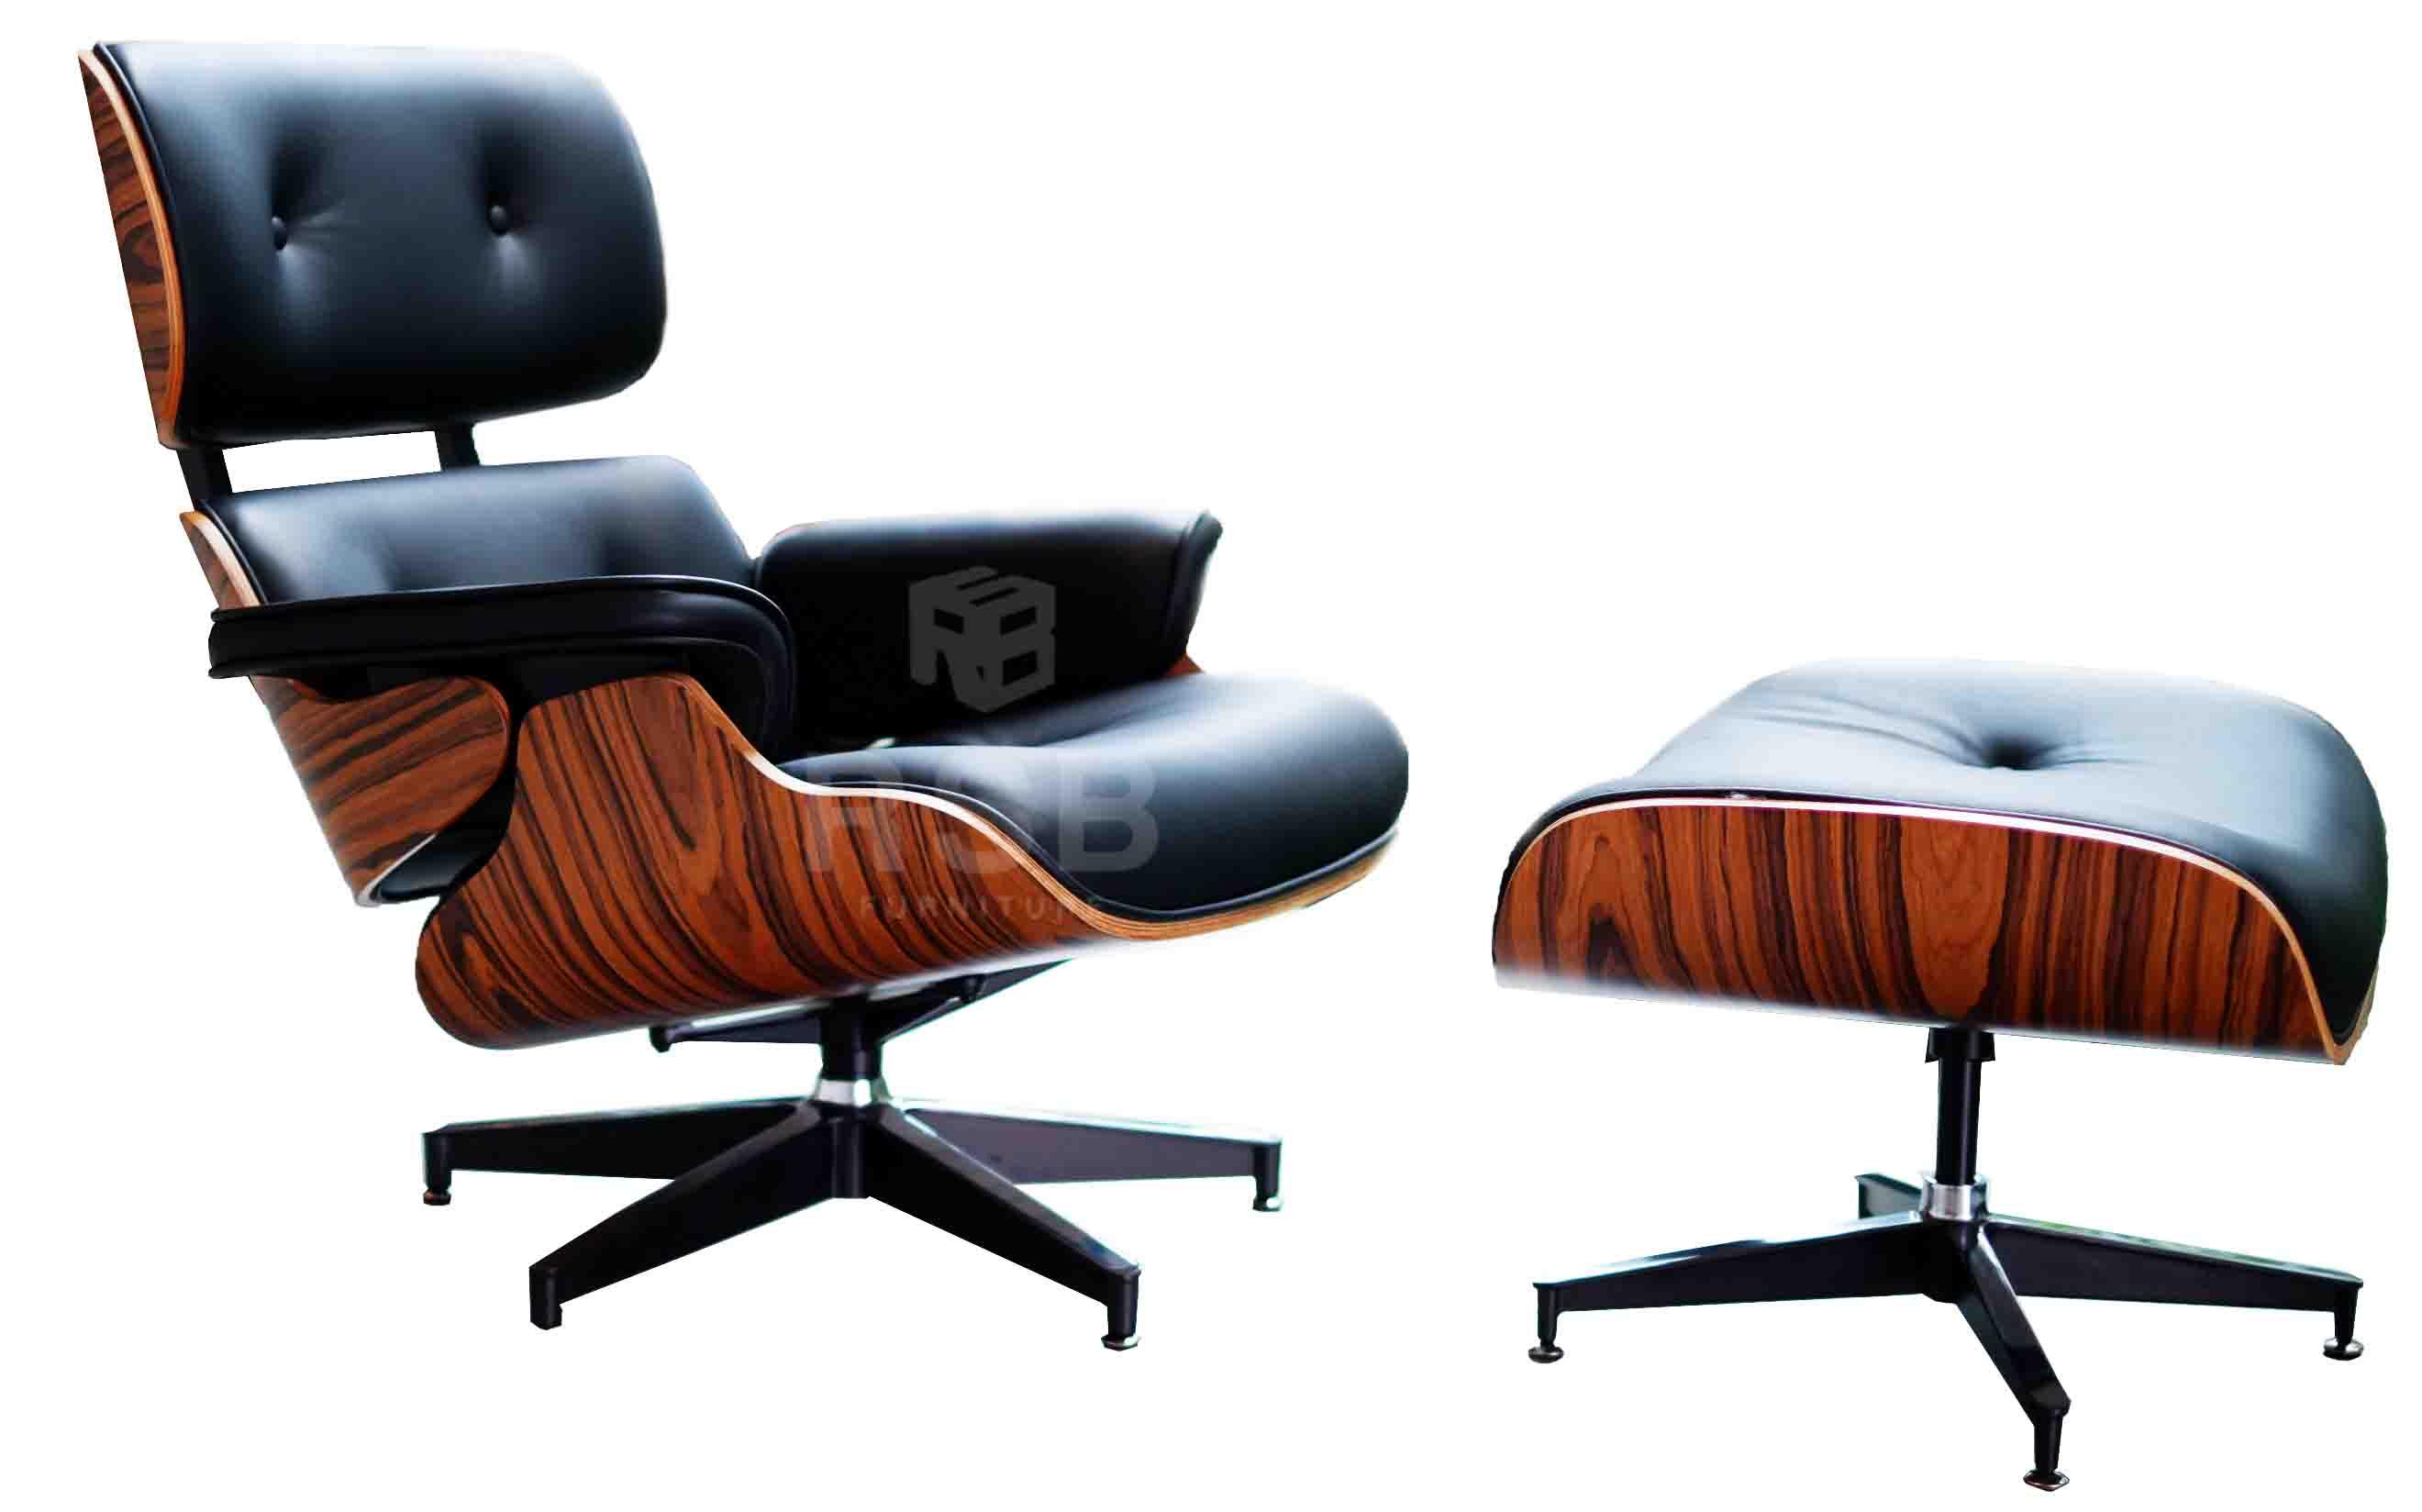 เก้าอี้ EAMES LOUNGE CHAIR AND OTTOMAN (REPLICA GRADE AAA) หนังITALIANแท้ ไม้วิเนียร์ SPEC ORIGINAL